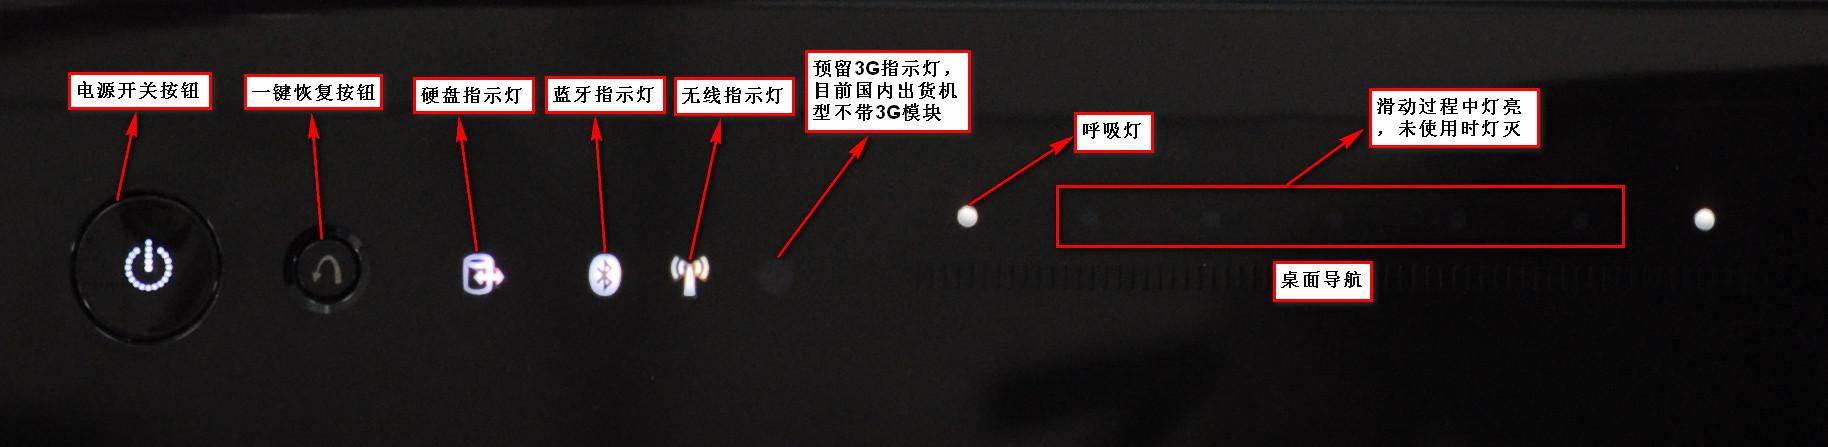 ideapad y460笔记本电脑触摸按键功能及指示灯状态介绍